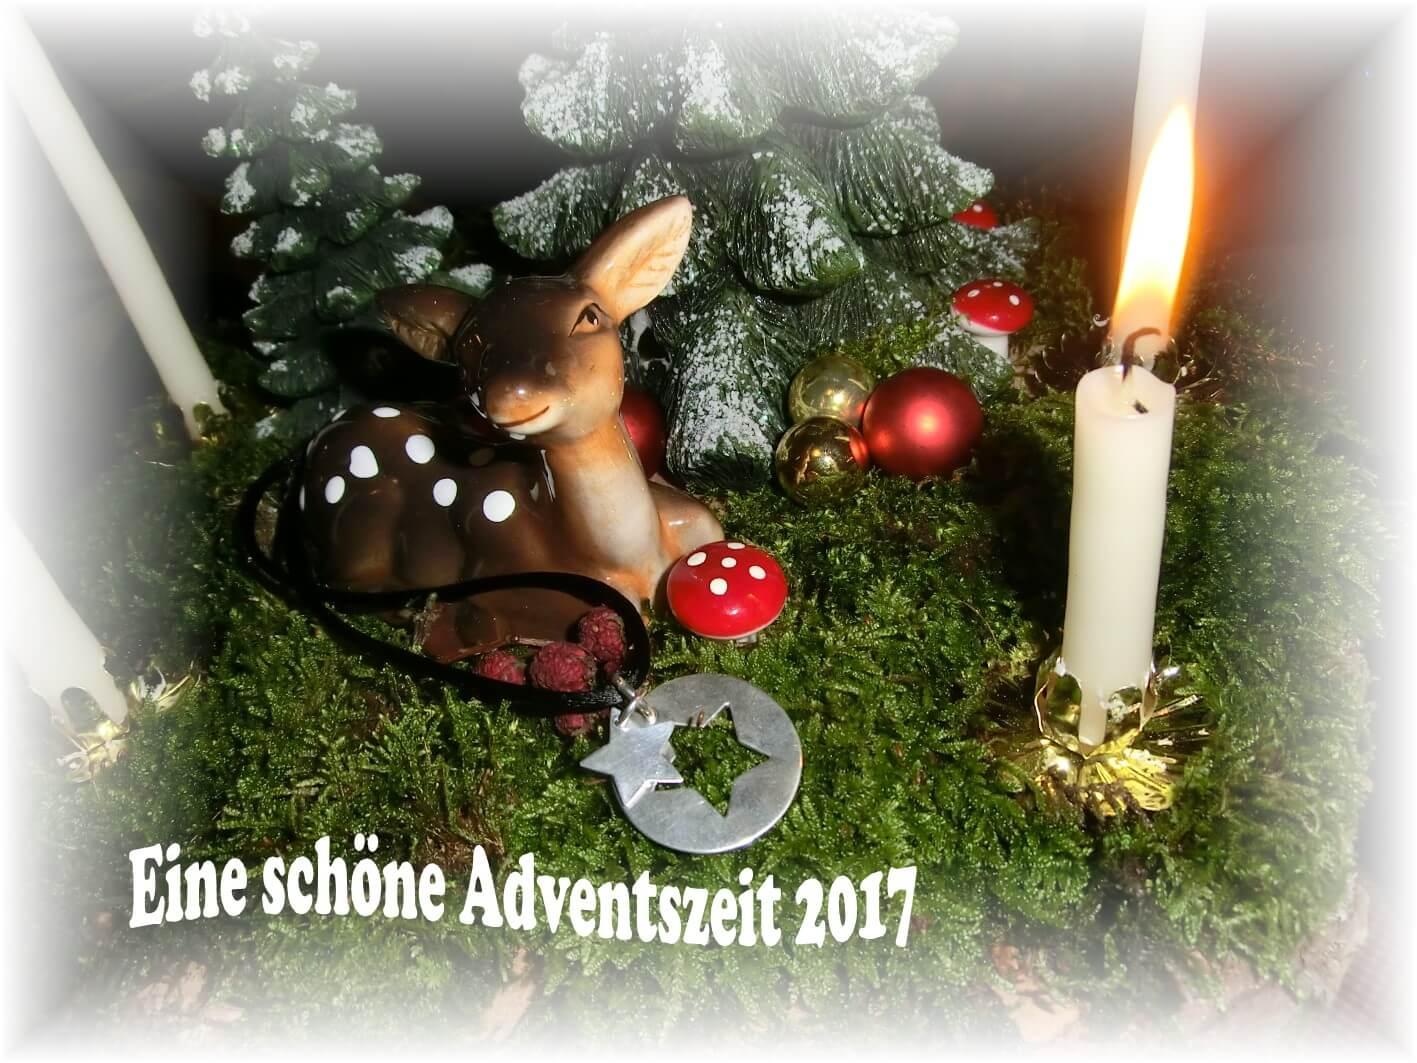 Eine schöne Adventszeit 2017 › Goldschmiede Osterhoff-Genz